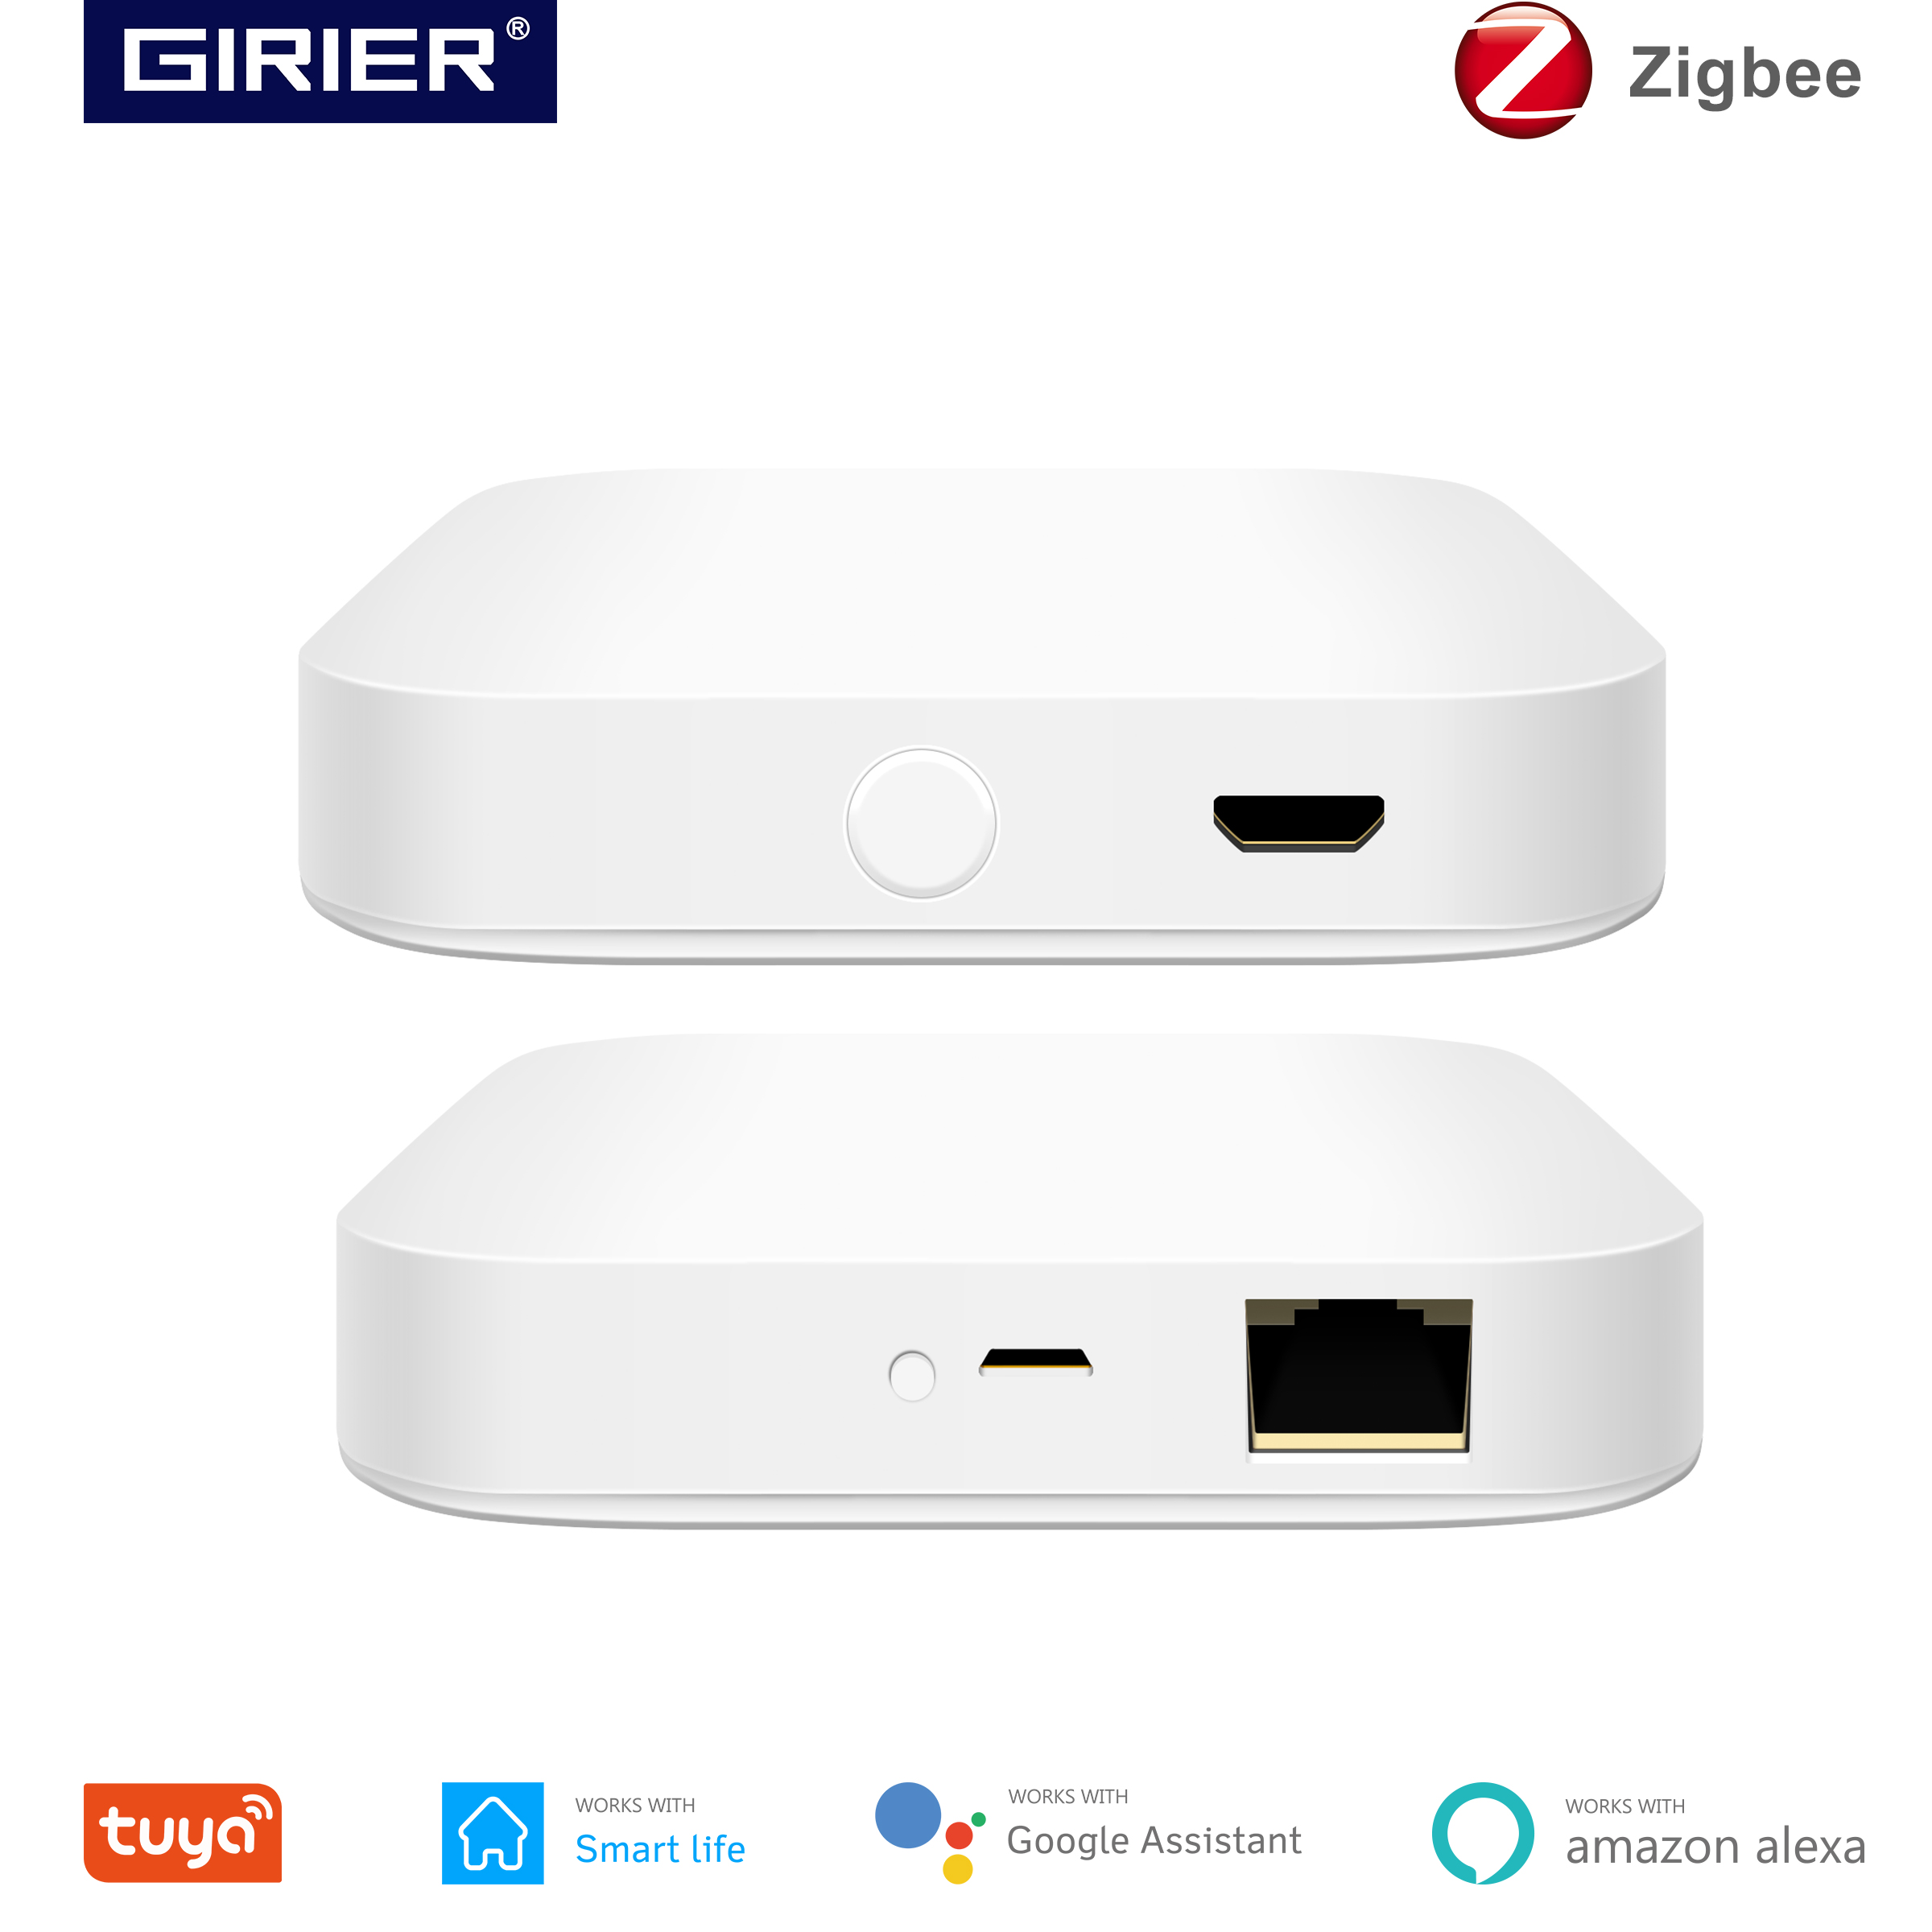 Tuya zigbee 3.0 hub inteligente, sem fio/com fio ponte gateway para app controle remoto de voz, funciona com alexa google assistente de casa